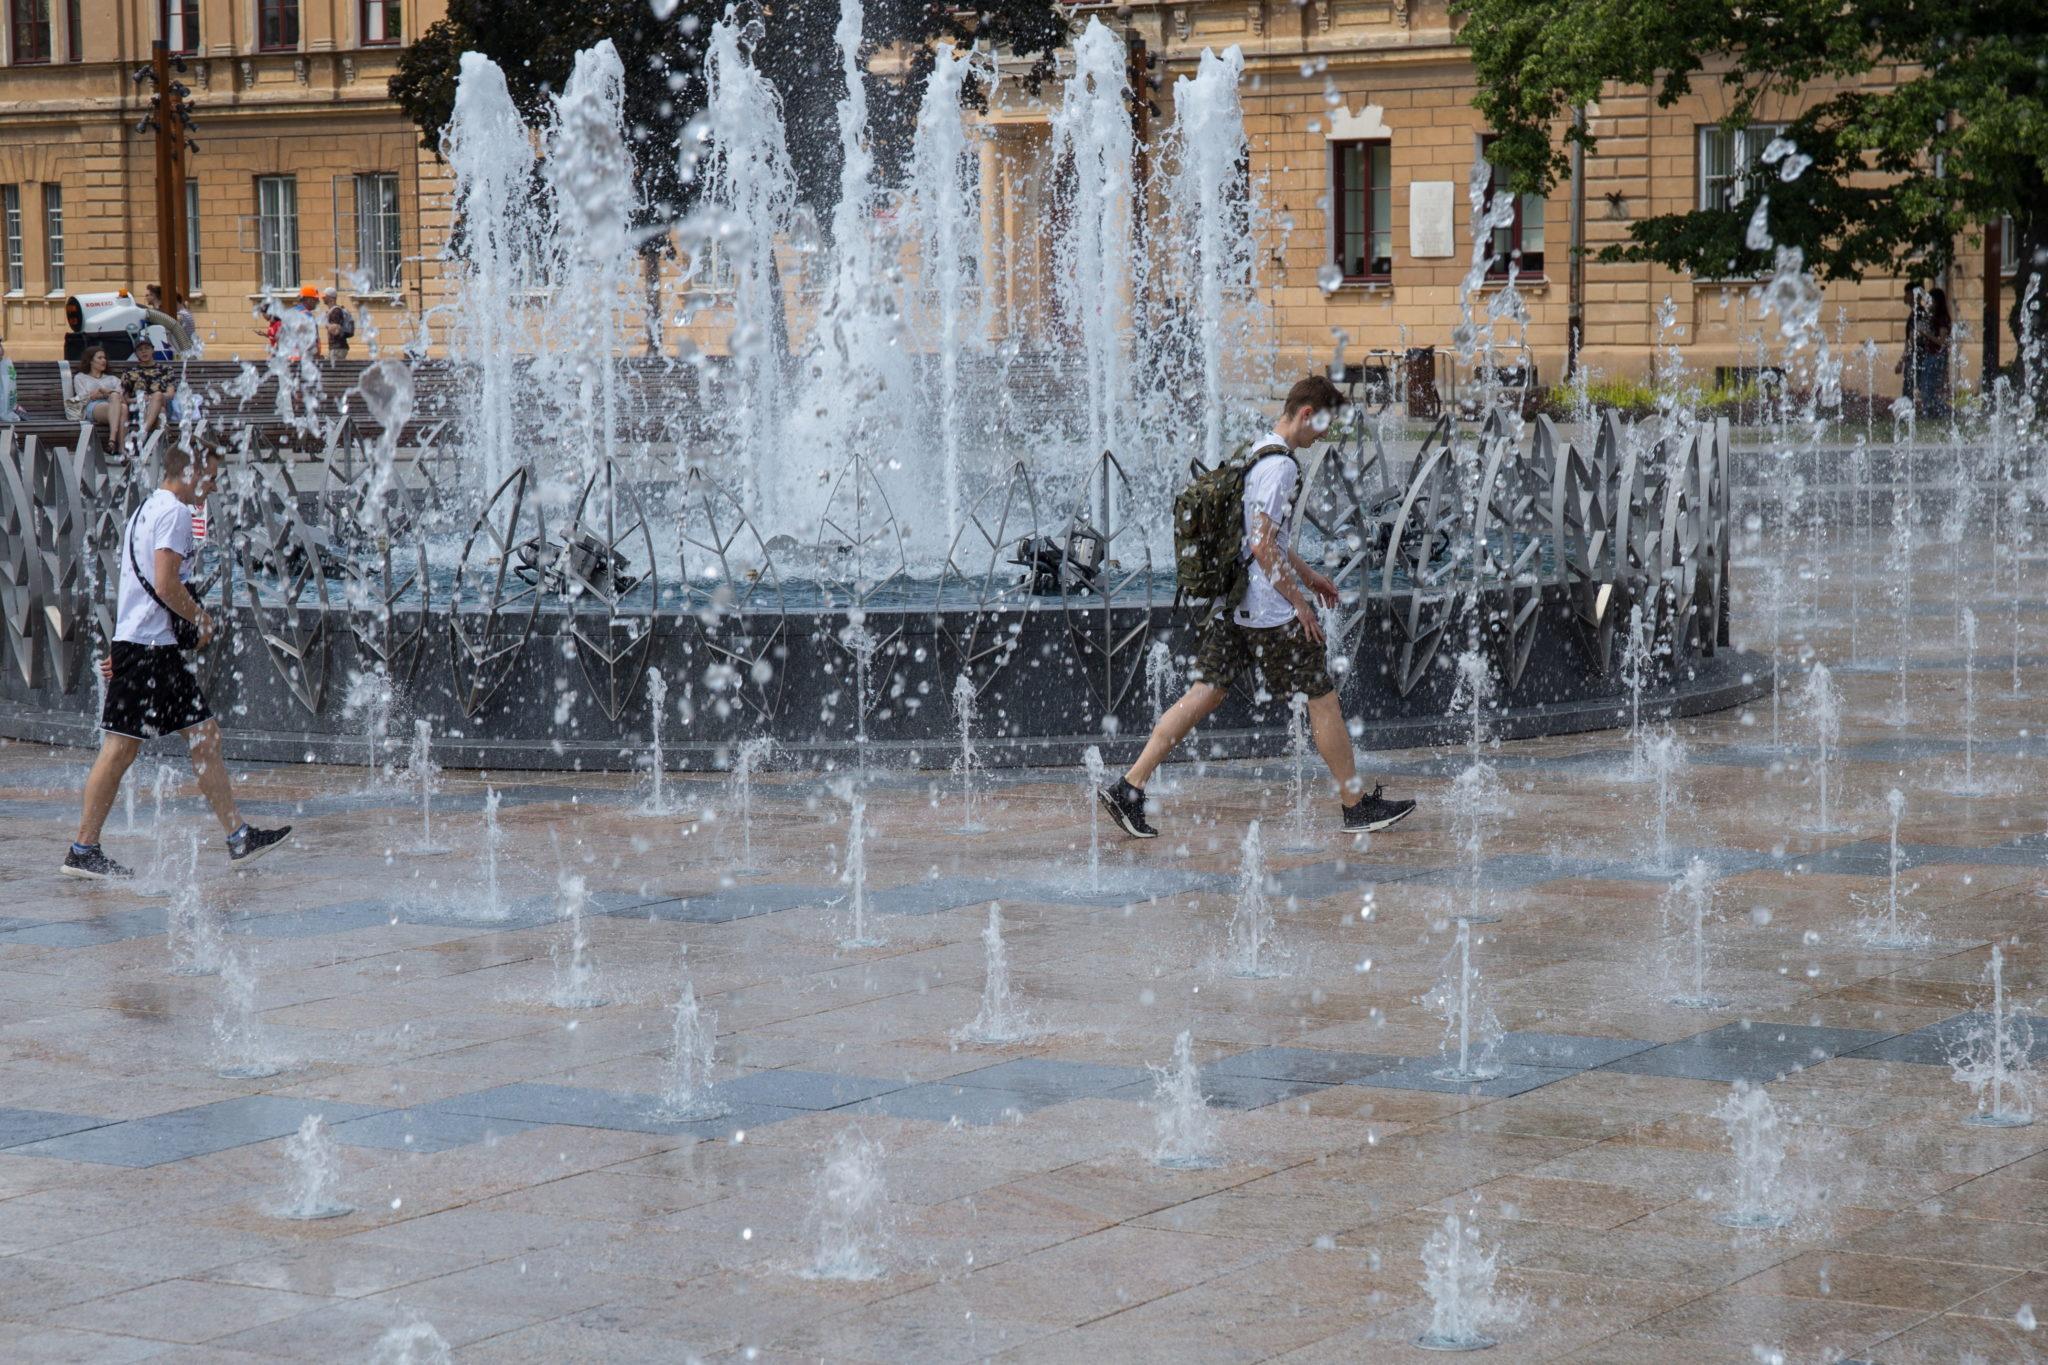 Lublin i wysokie temperatury, z którymi mierzą się mieszkańcy, fot. Wojtek Jargiło, PAP